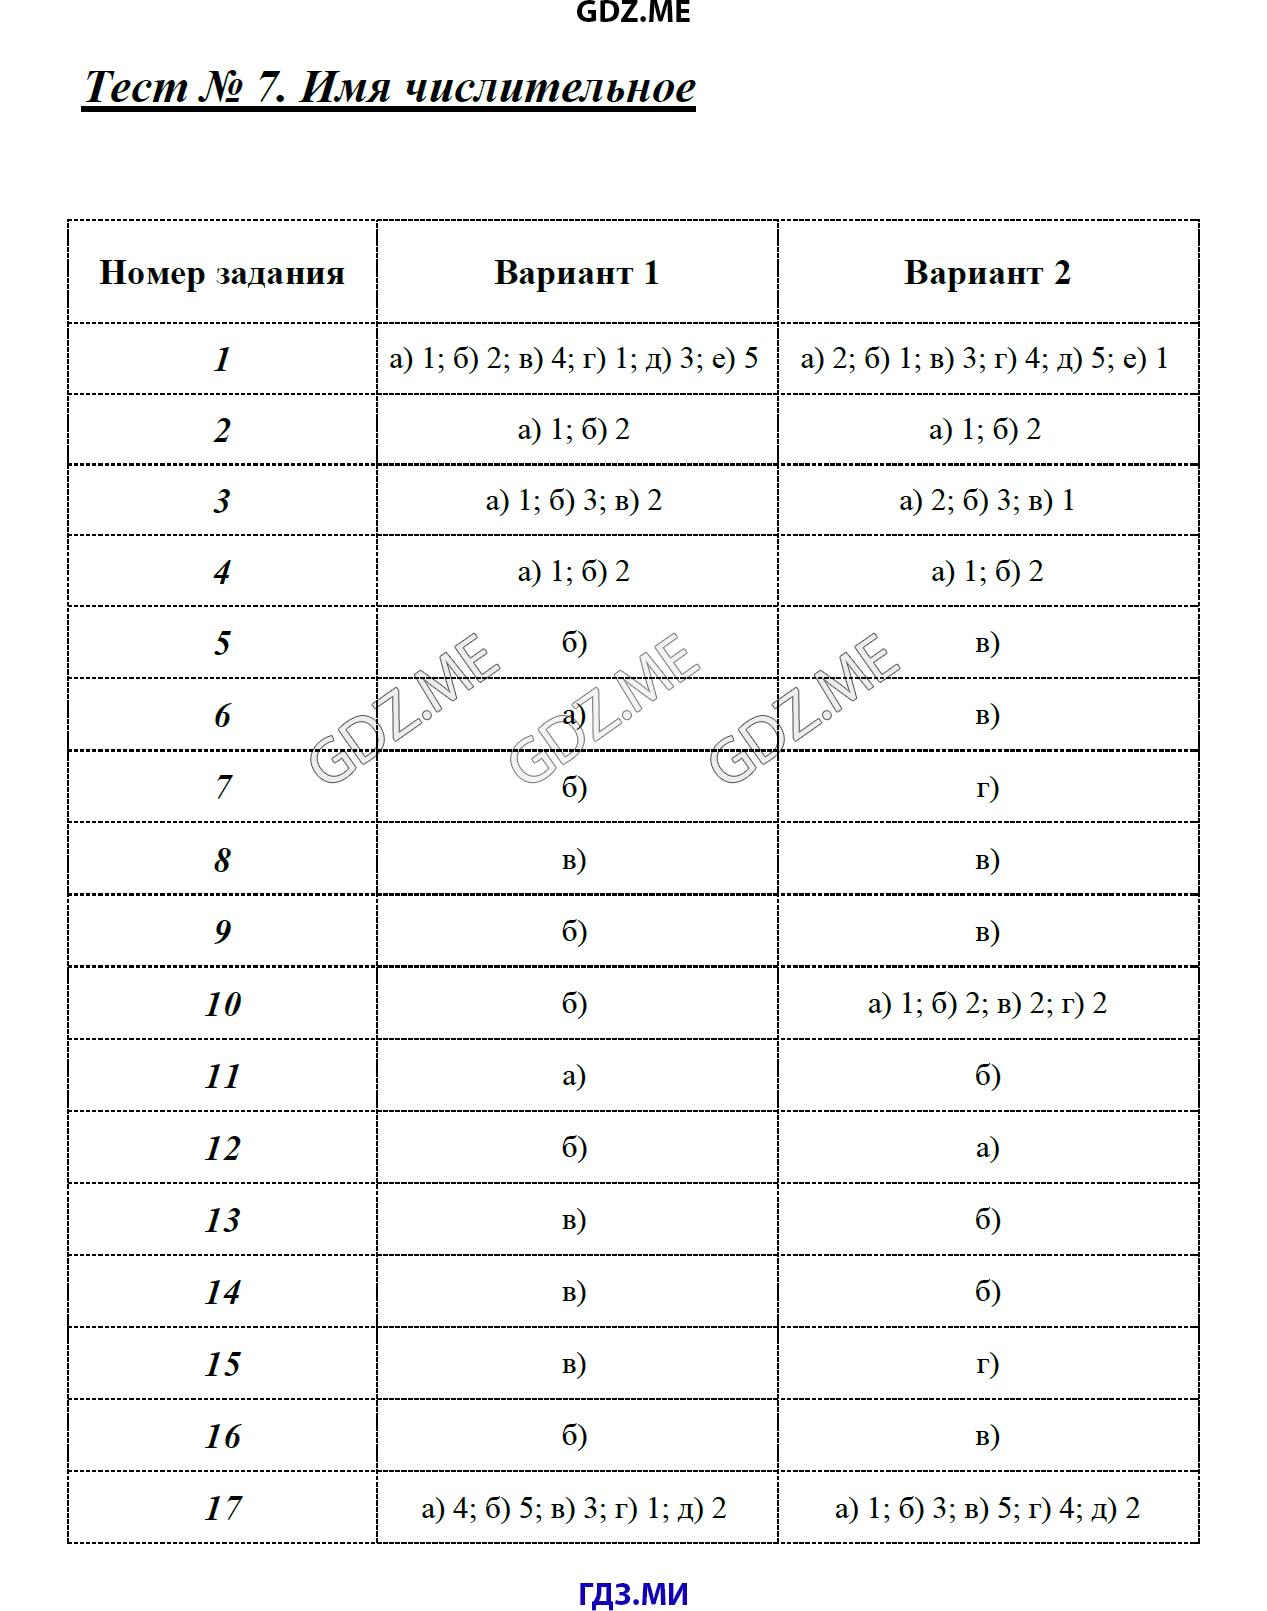 Гдз по русскому 7 класс роговик